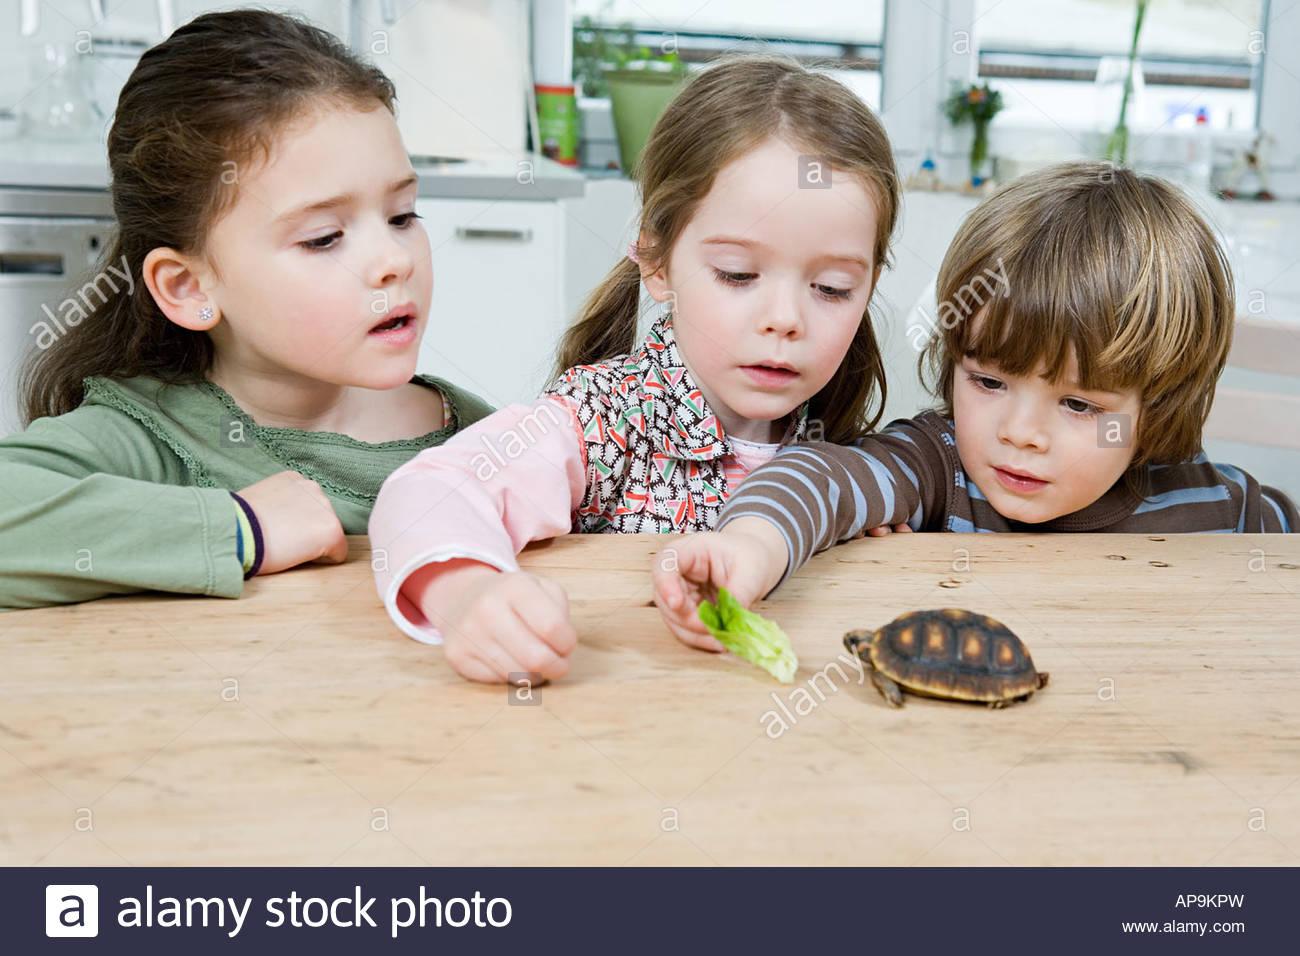 Children feeding a tortoise - Stock Image